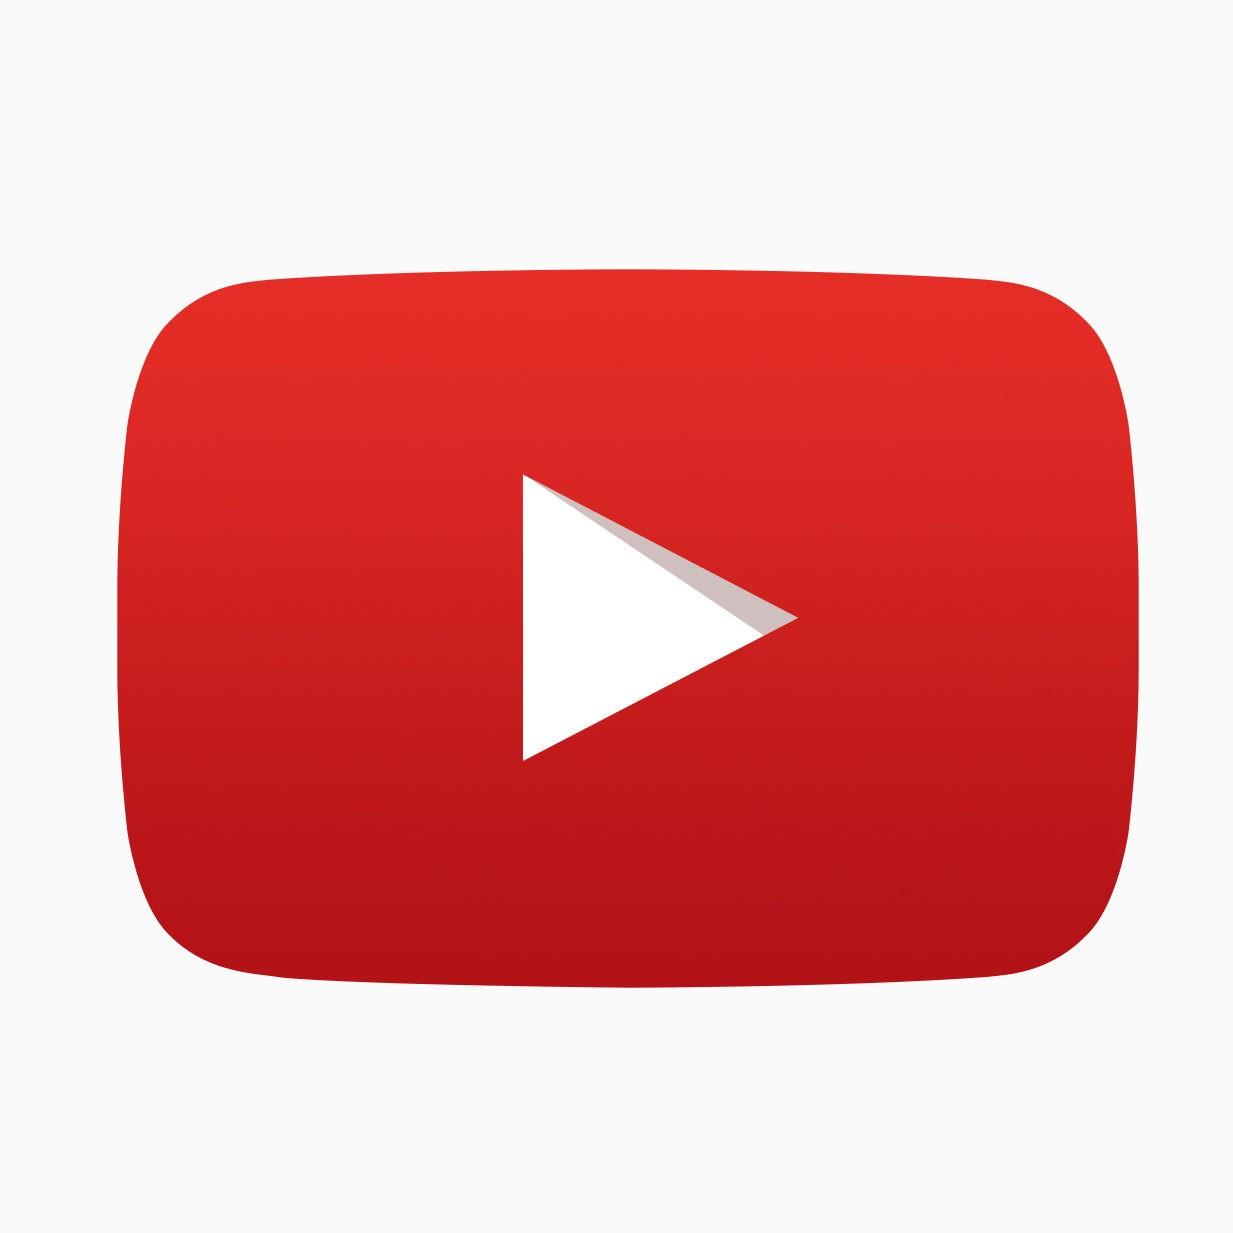 Répliques de youtubeurs